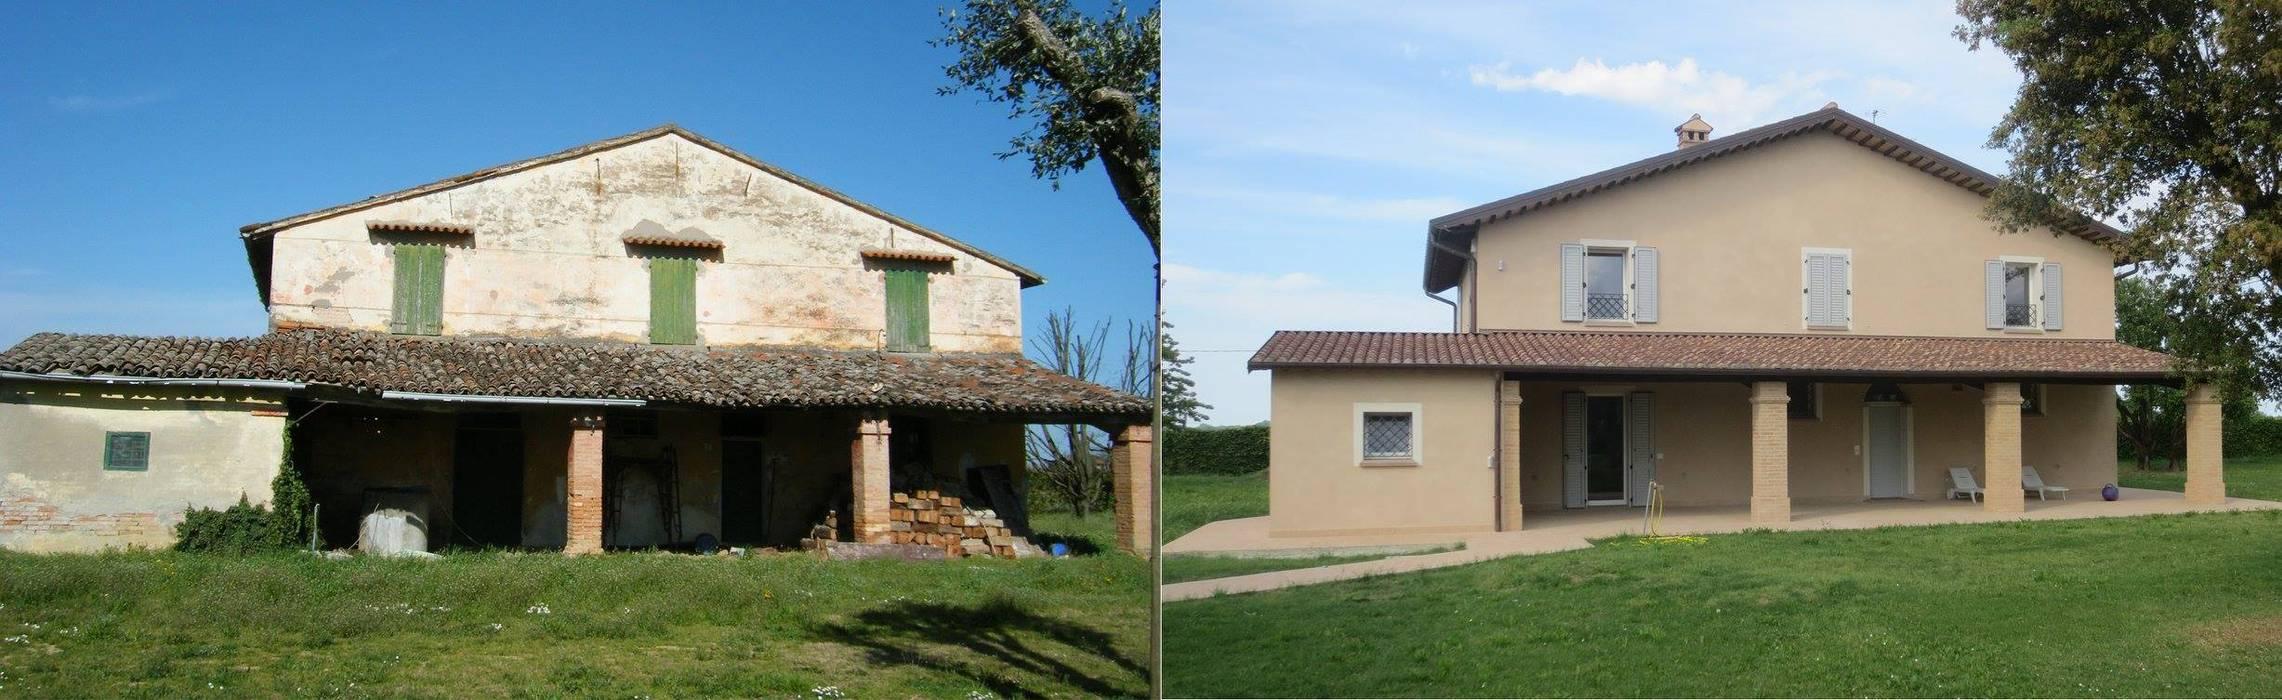 Casas de estilo  por Studio tecnico Salvetti, Rural